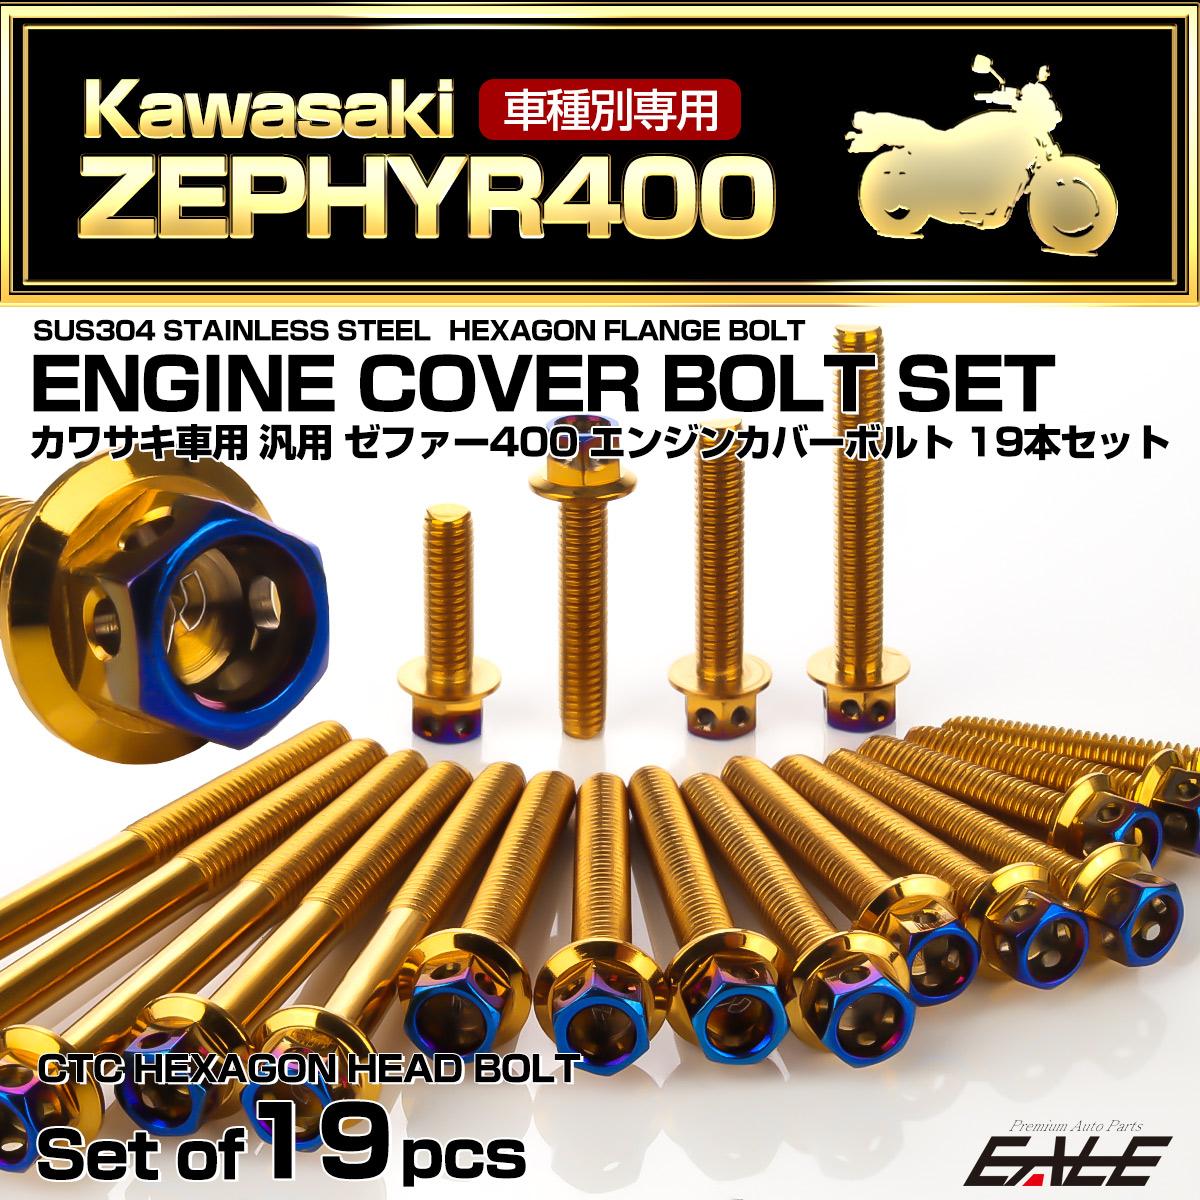 ゼファー400 エンジンカバーボルト 19本セット カワサキ車用 ZEPHYR400 CTC ヘキサゴンヘッド ゴールド&焼きチタンカラー TB8129